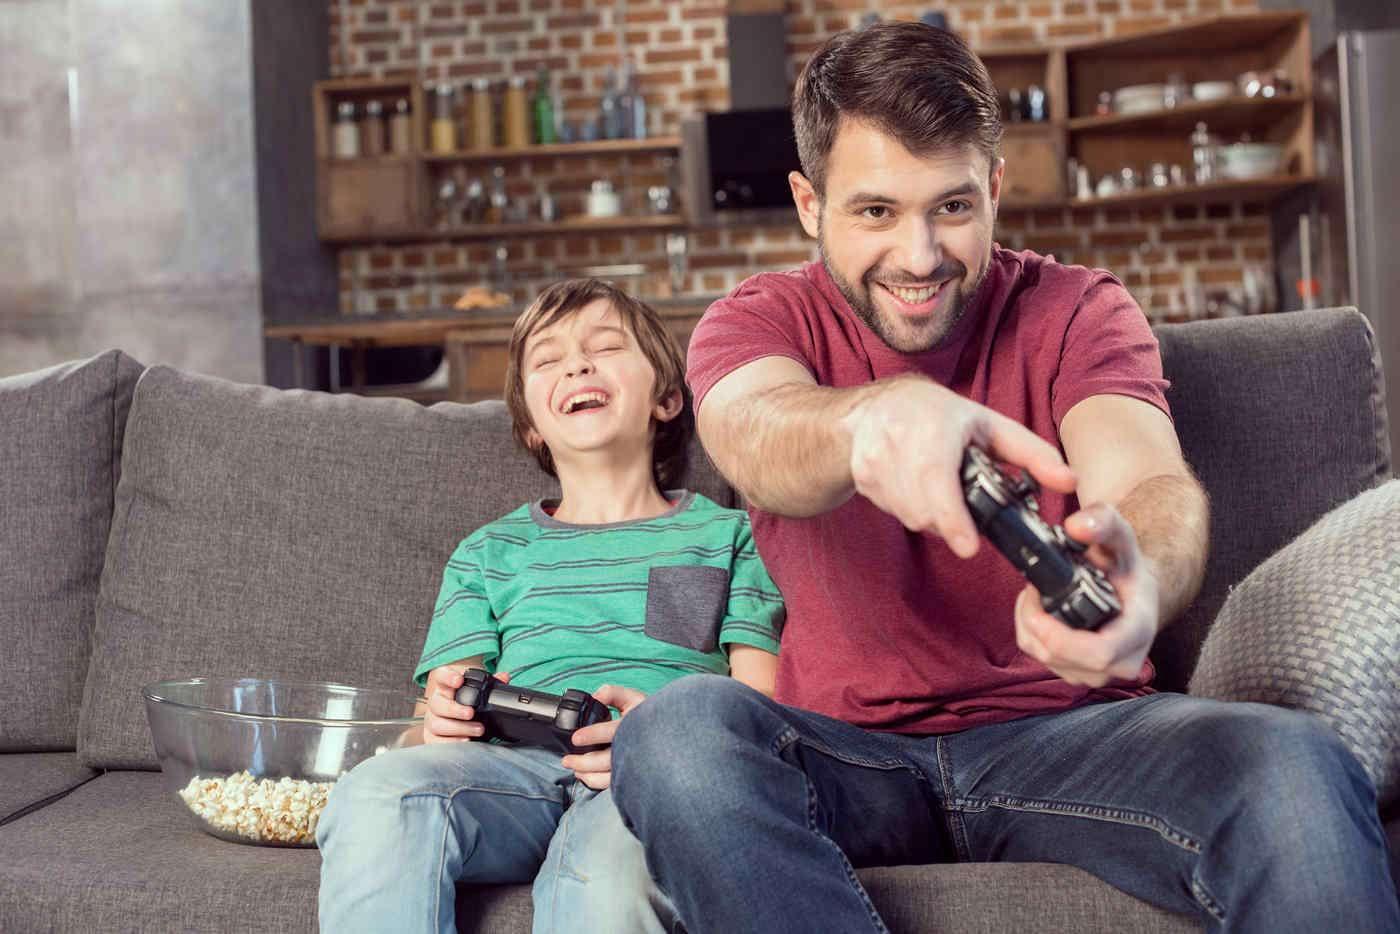 Ce efecte au jocurile video asupra creierului